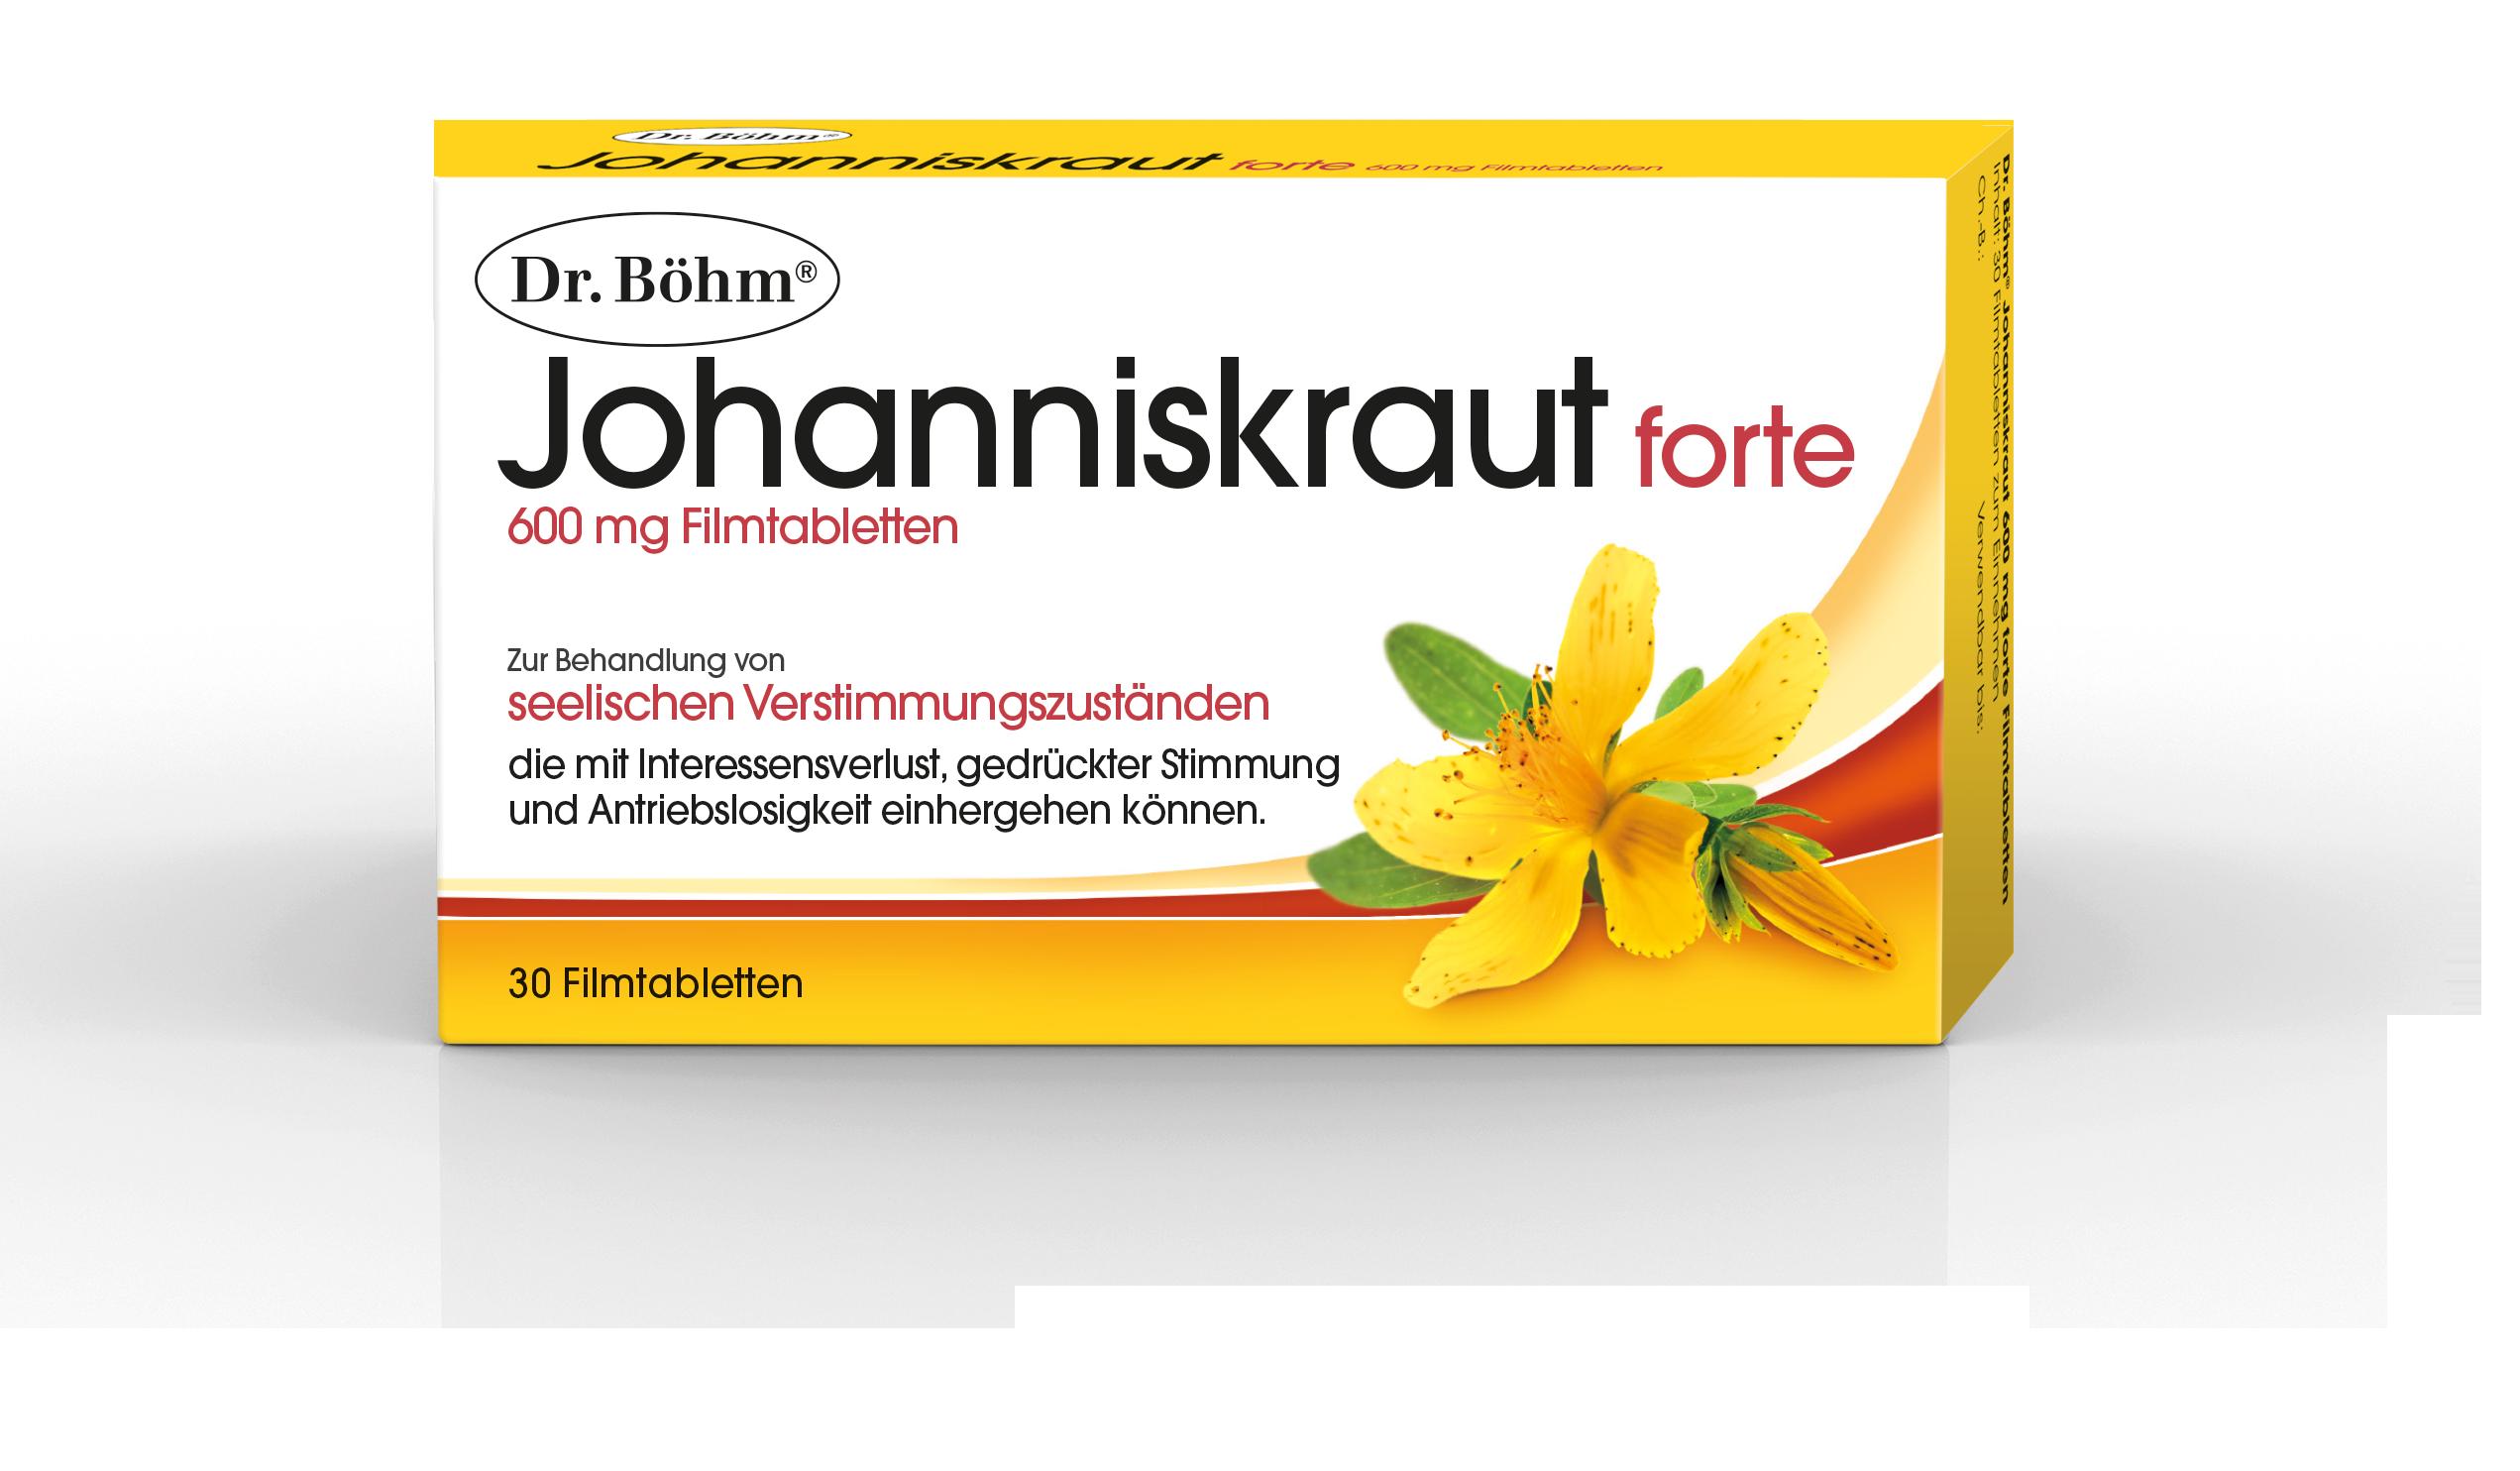 Dr. Böhm® Johanniskraut forte - Verstimmungszustände, Depression